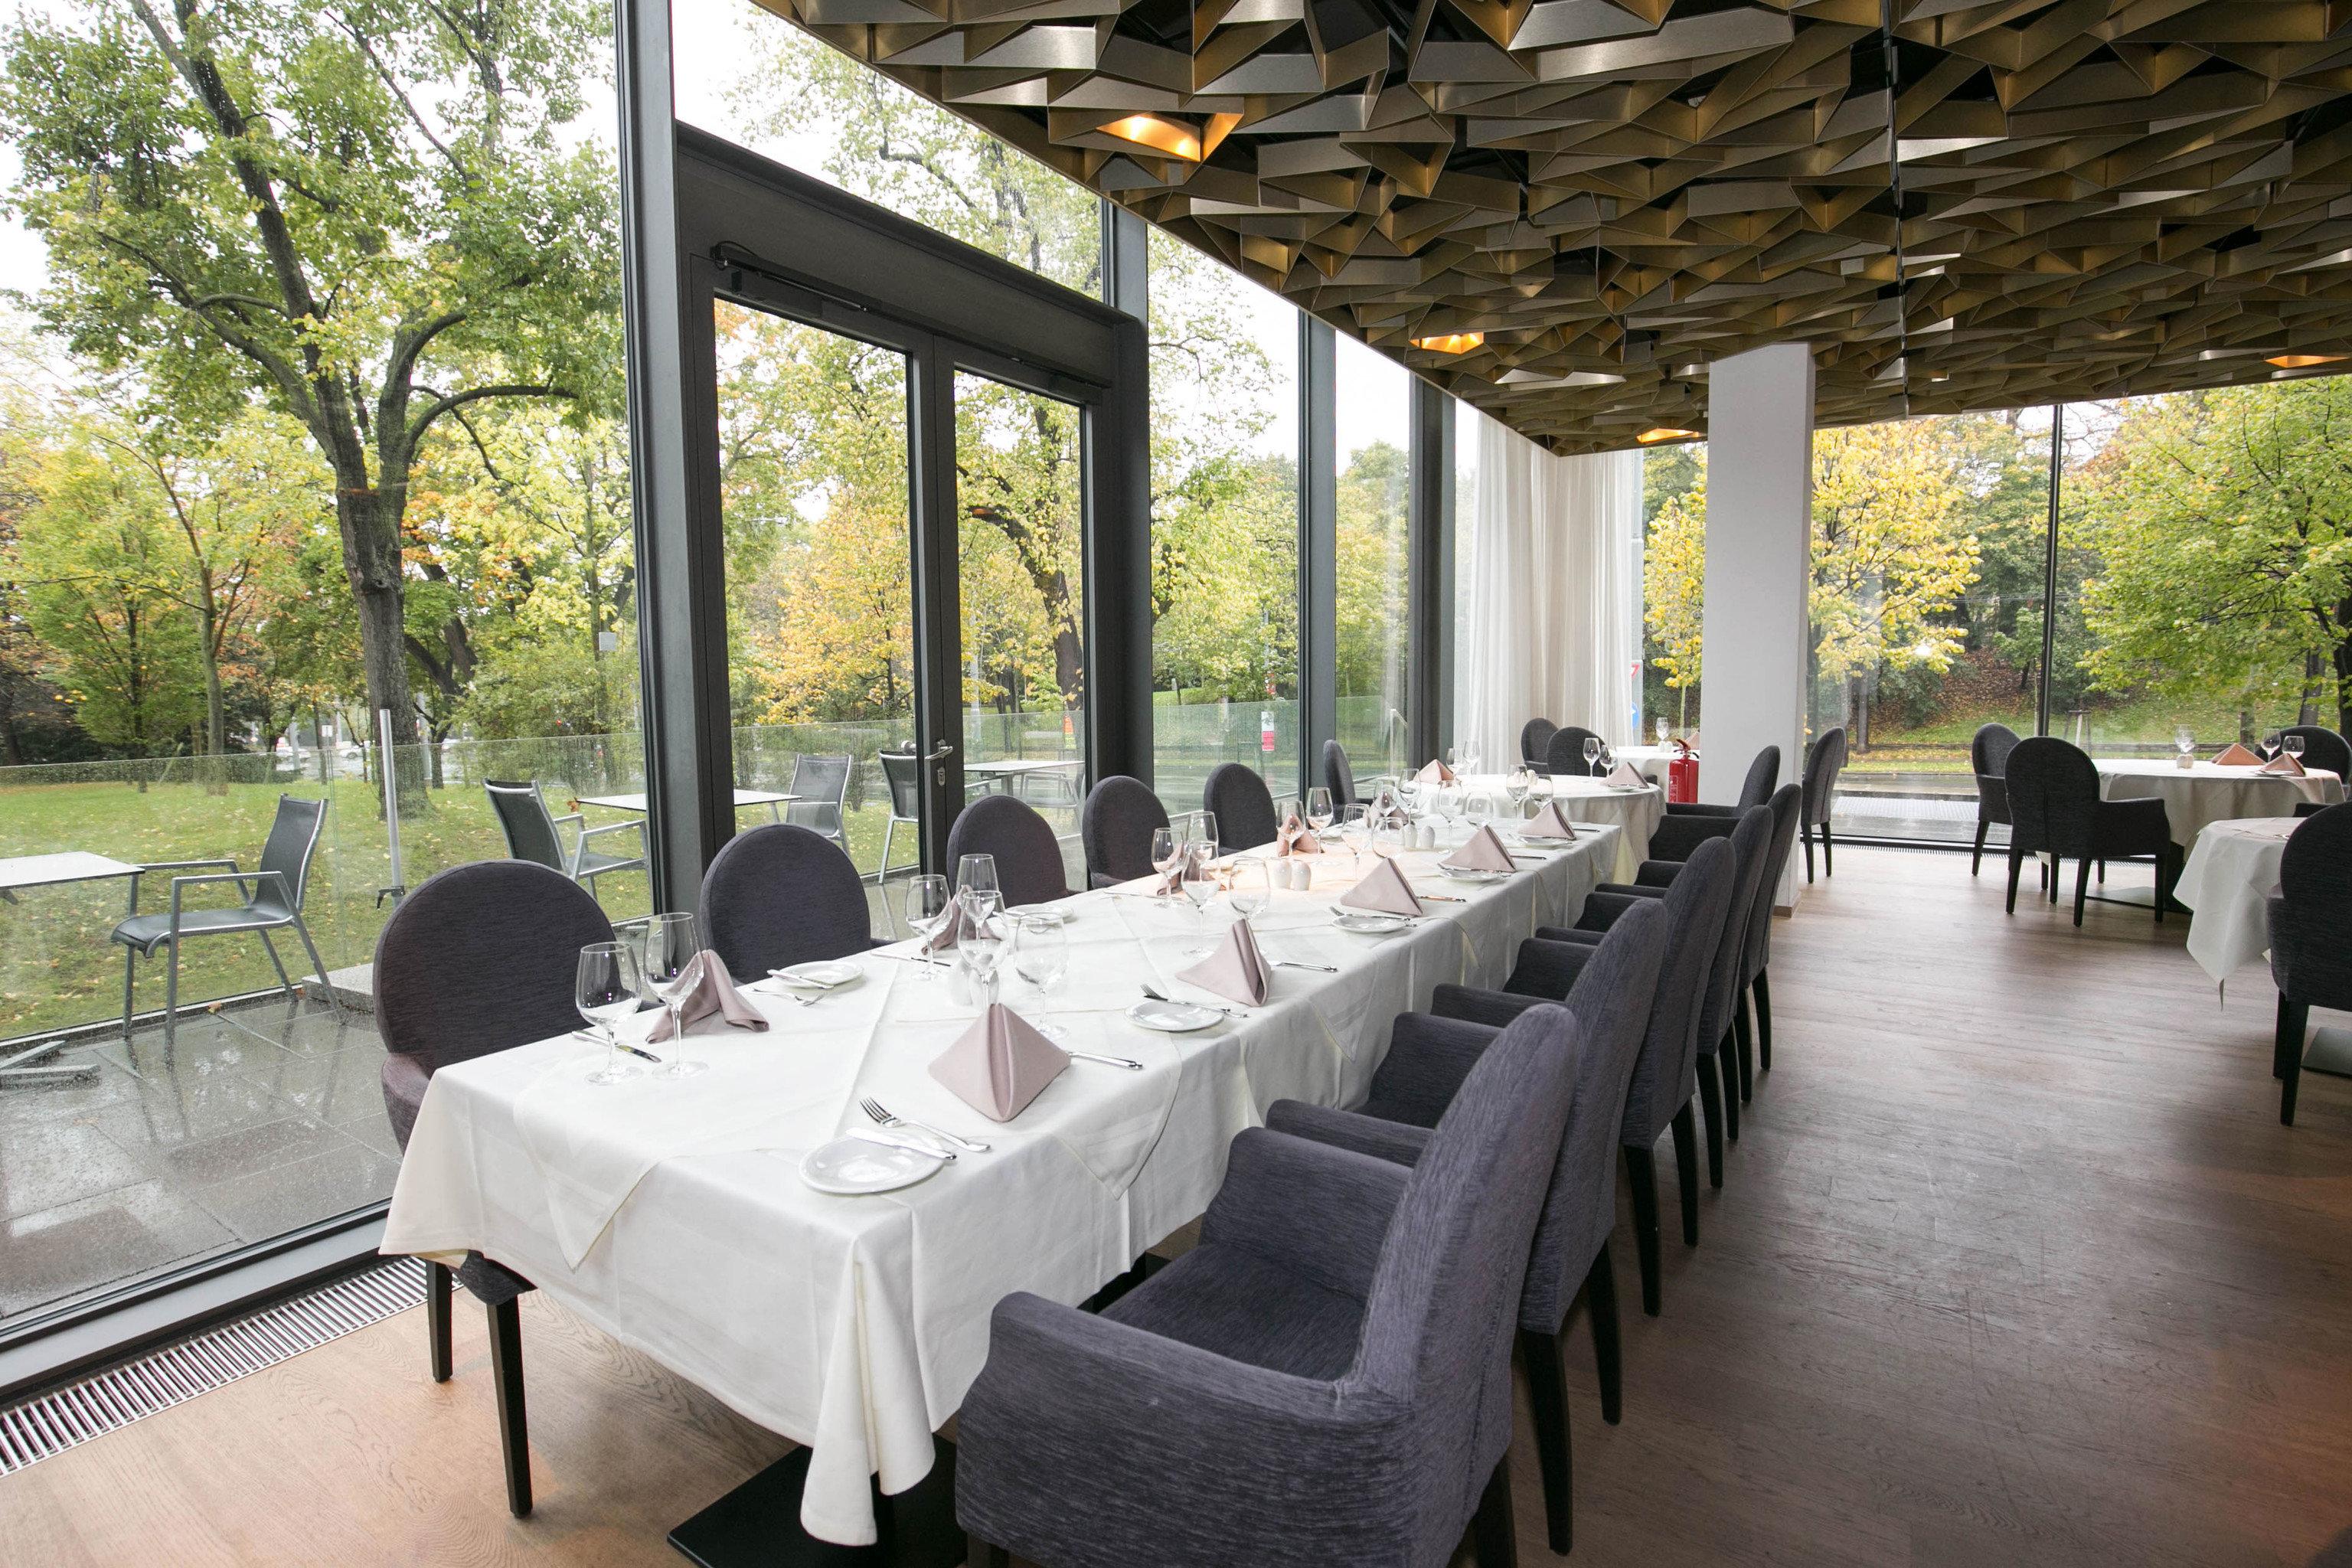 tree restaurant function hall Resort